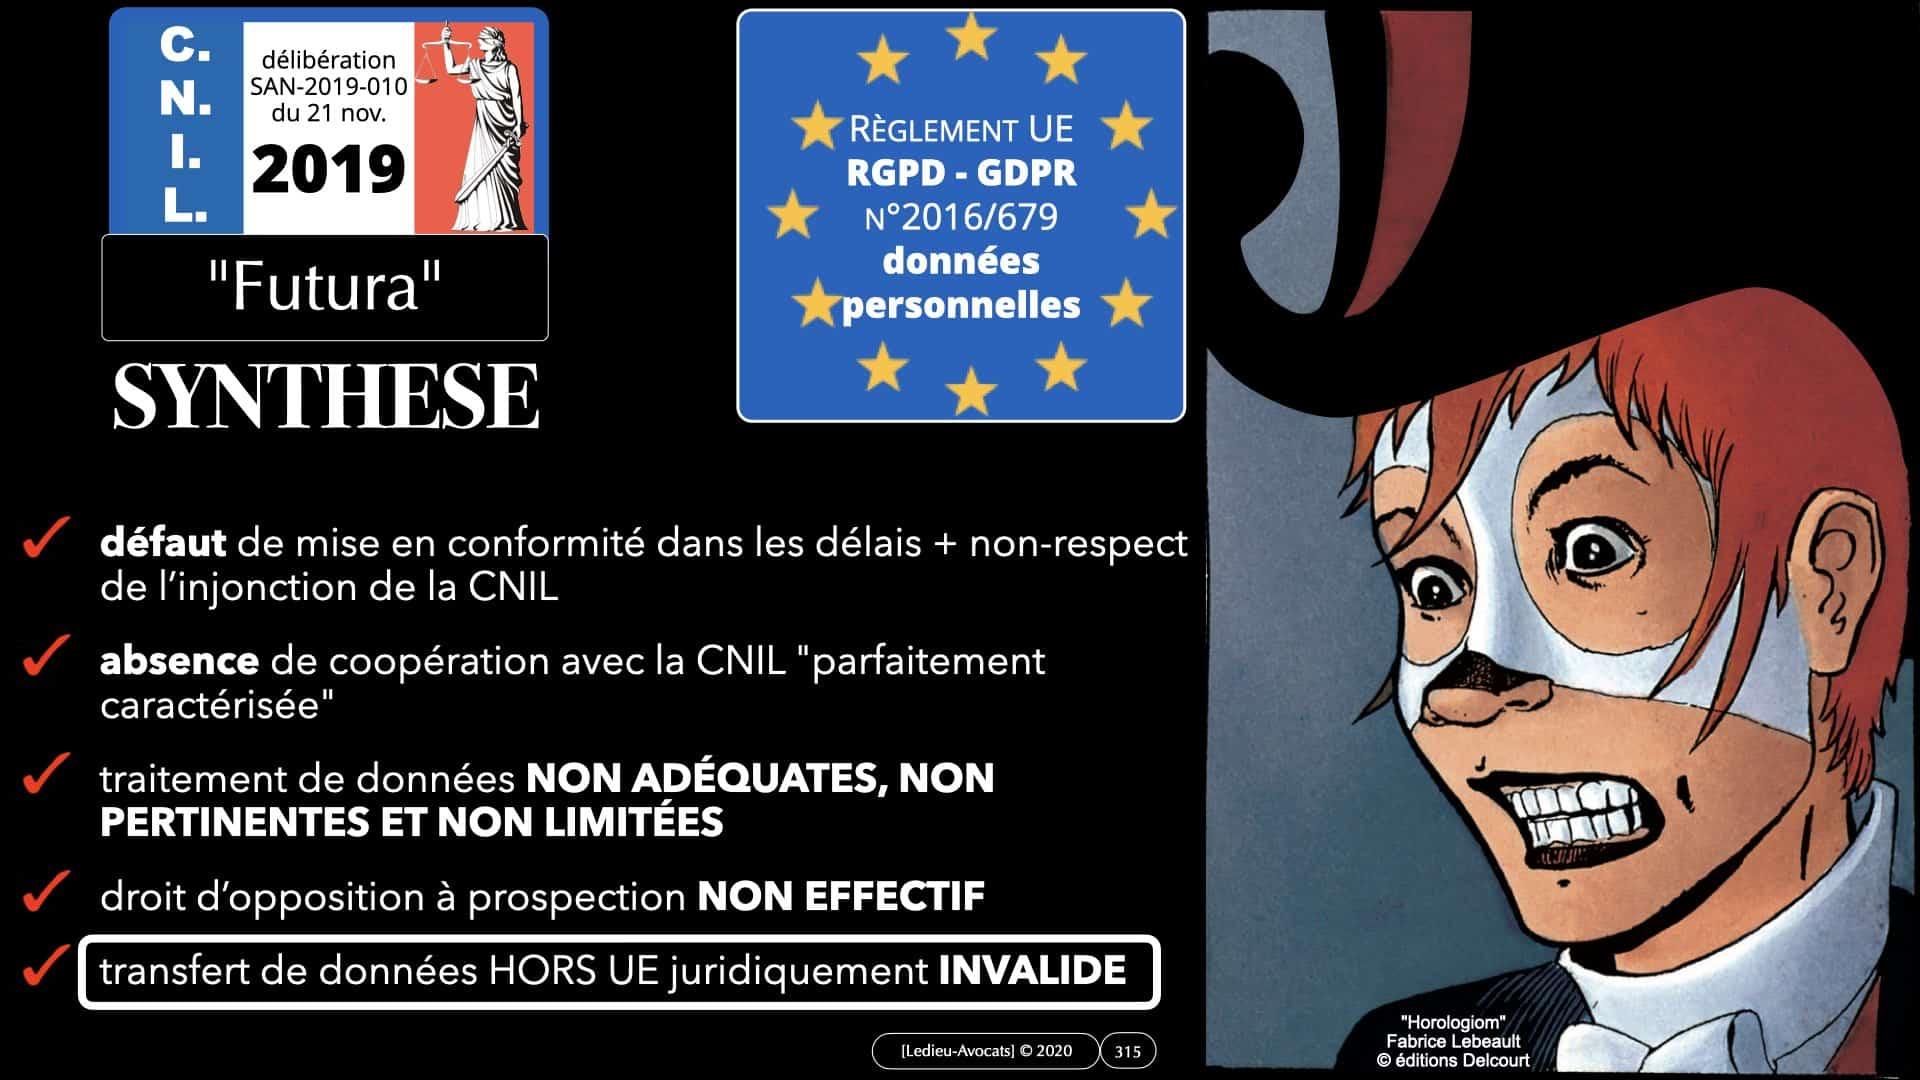 RGPD e-Privacy données personnelles jurisprudence formation Lamy Les Echos 10-02-2021 ©Ledieu-Avocats.315